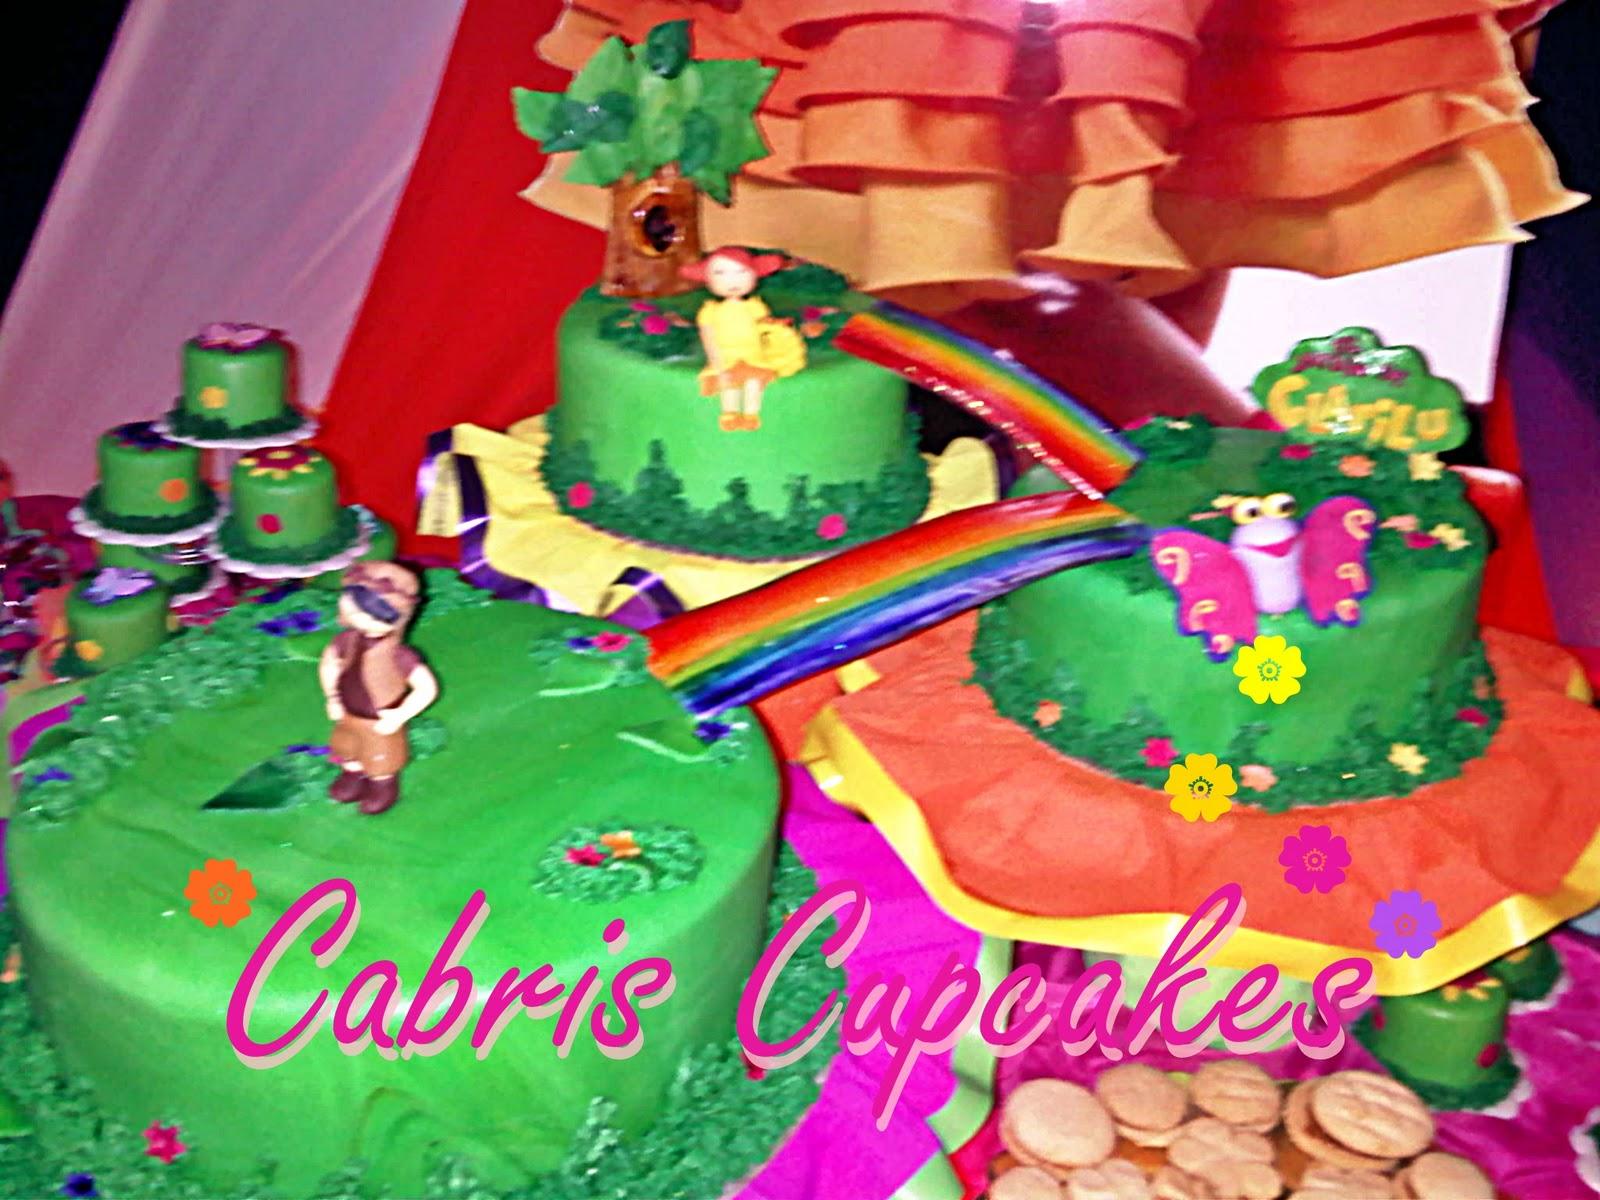 Cabris cupcakes el jard n de claril for Cancion el jardin de clarilu